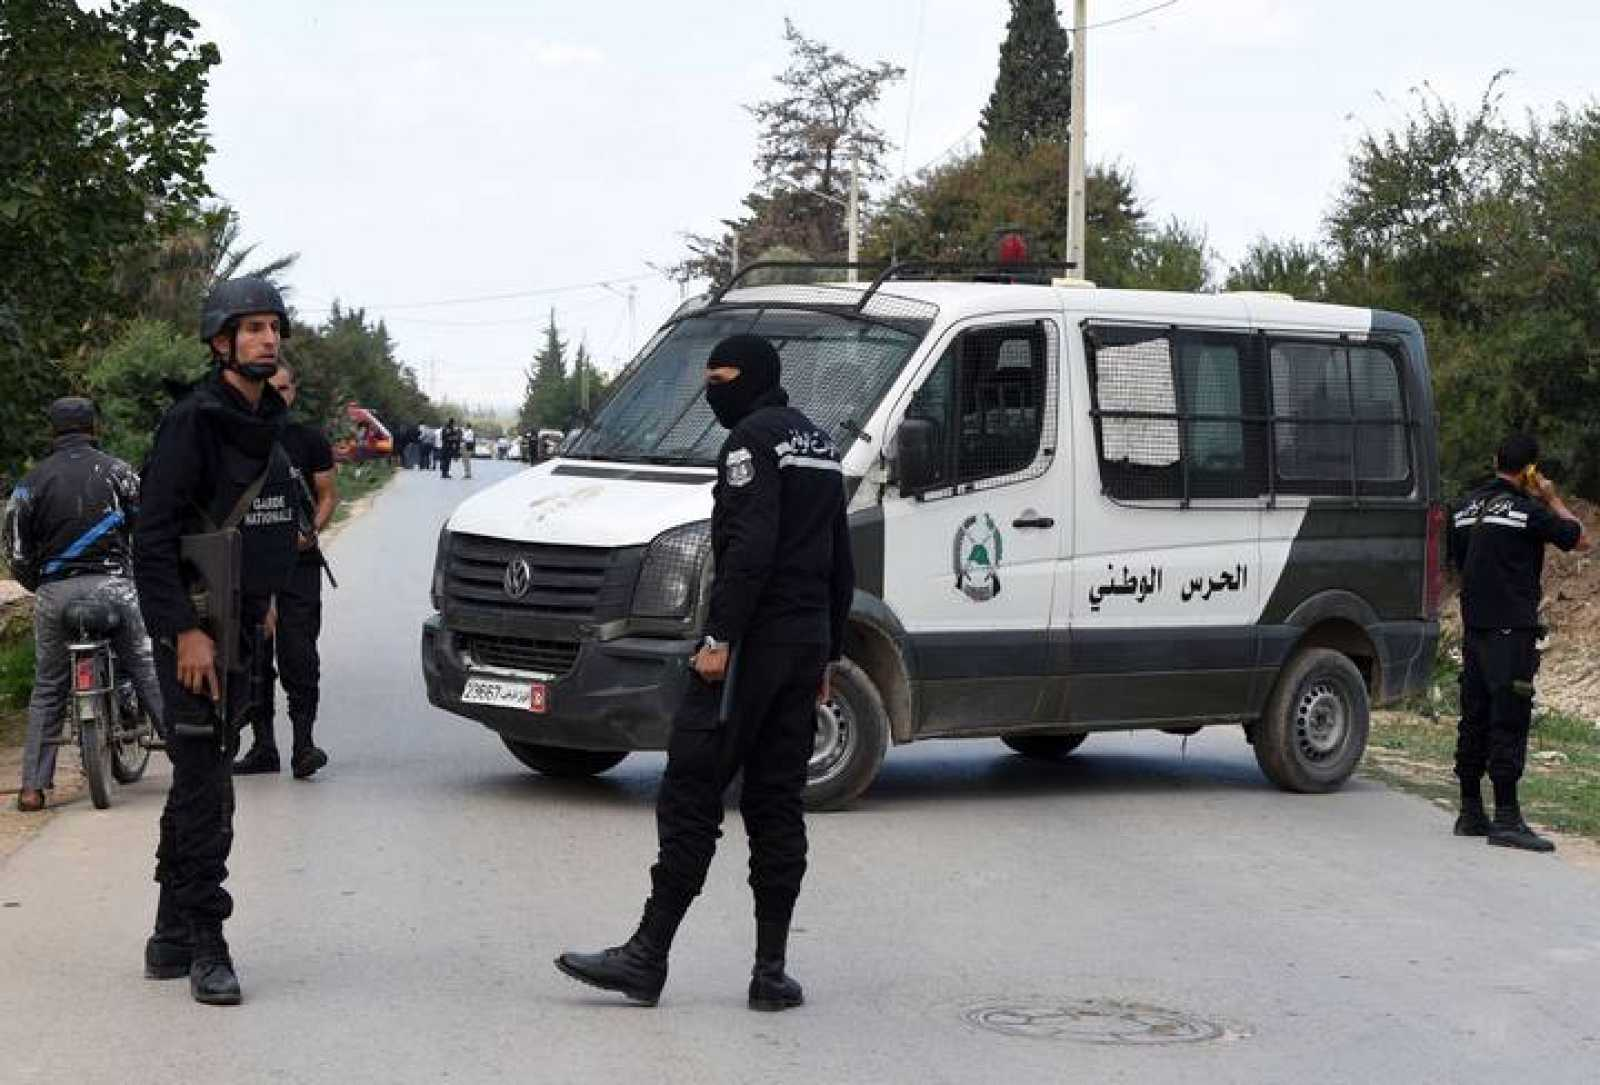 Miembros de la Guardia Nacional de Túnez frente a la casa donde un grupo de hombres ha tomado rehenes en Wad Ellil